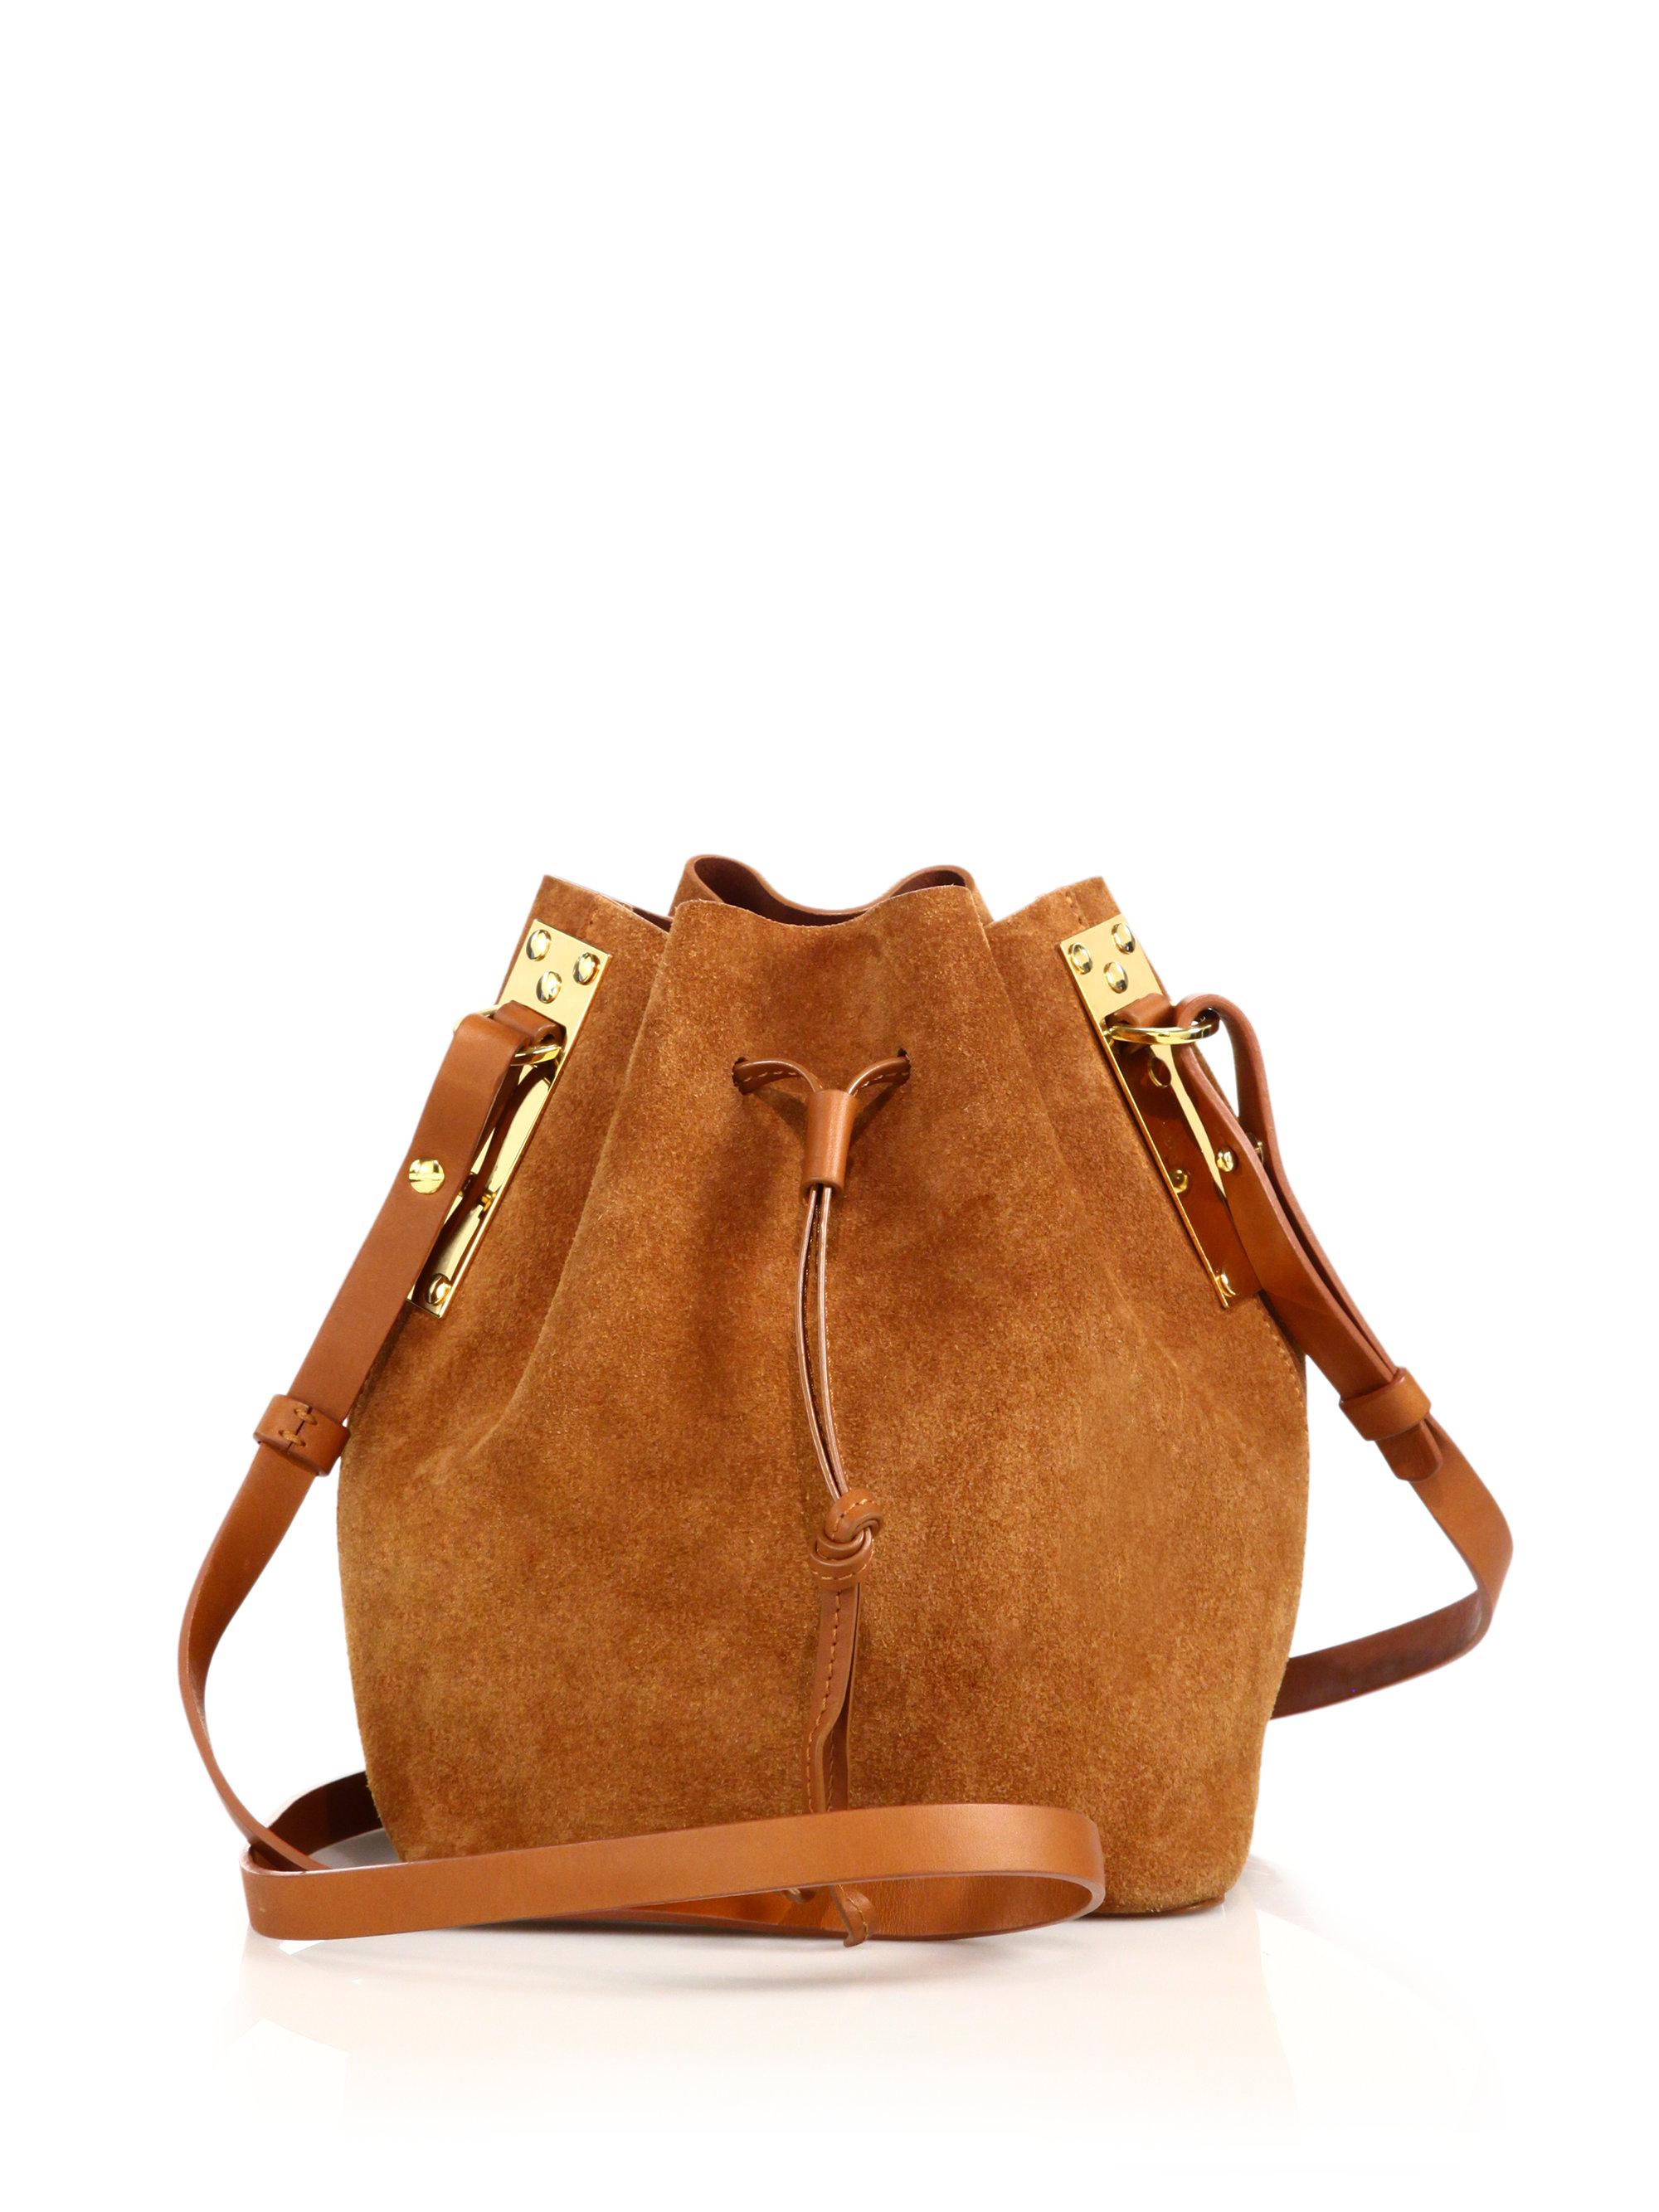 e44b3df929484 Sophie Hulme Suede Bucket Bag in Brown - Lyst